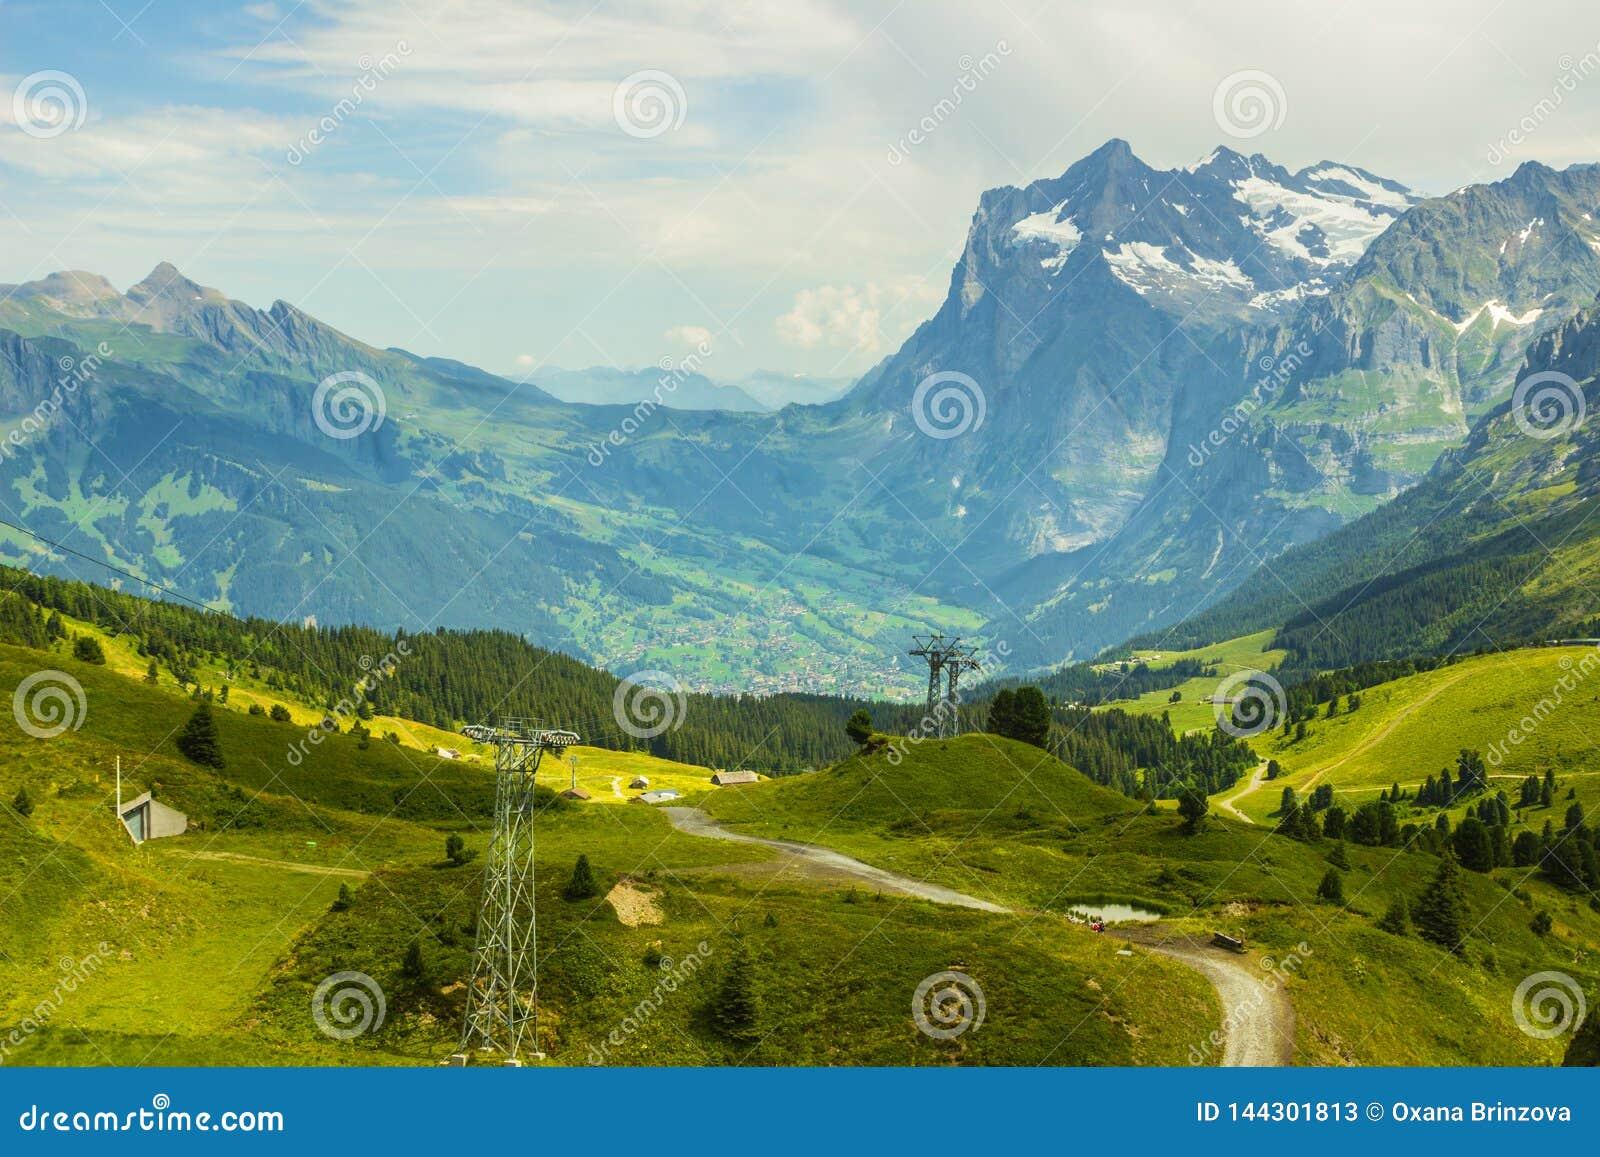 Suiza, hermosa vista de las montañas suizas